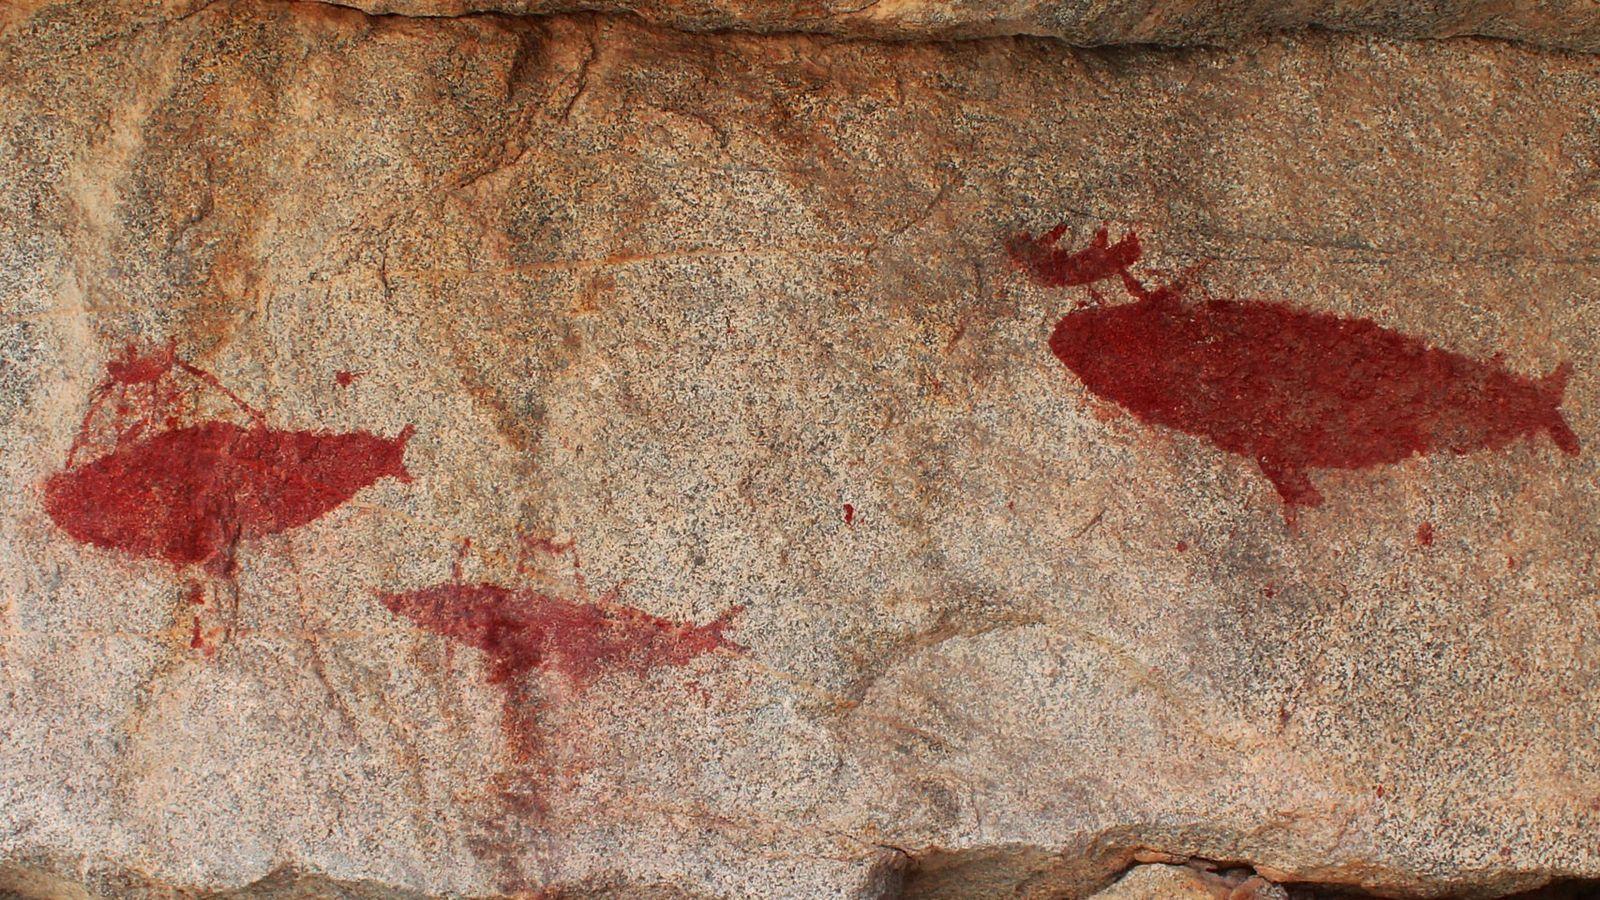 arte-rupestre-revela-caca-de-baleia-no-chile